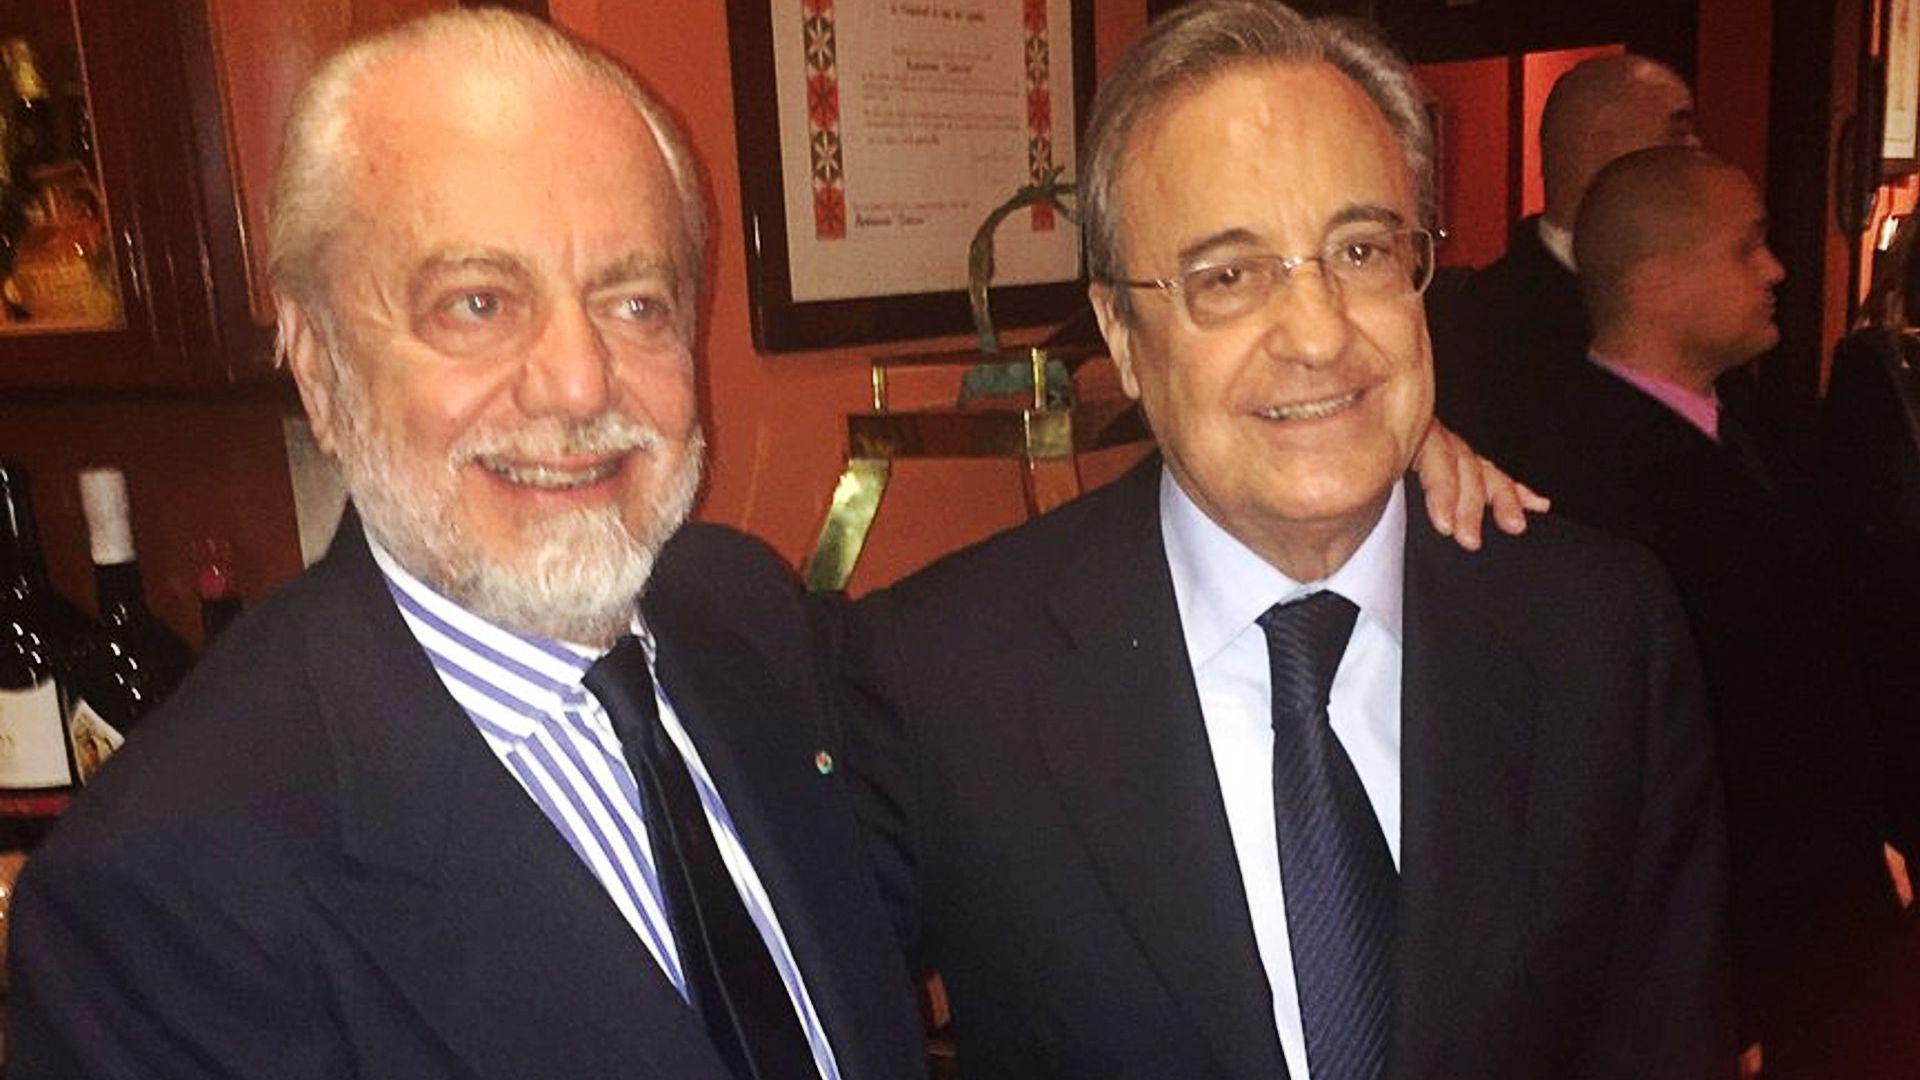 Aurelio De Laurentiis Florentino Perez